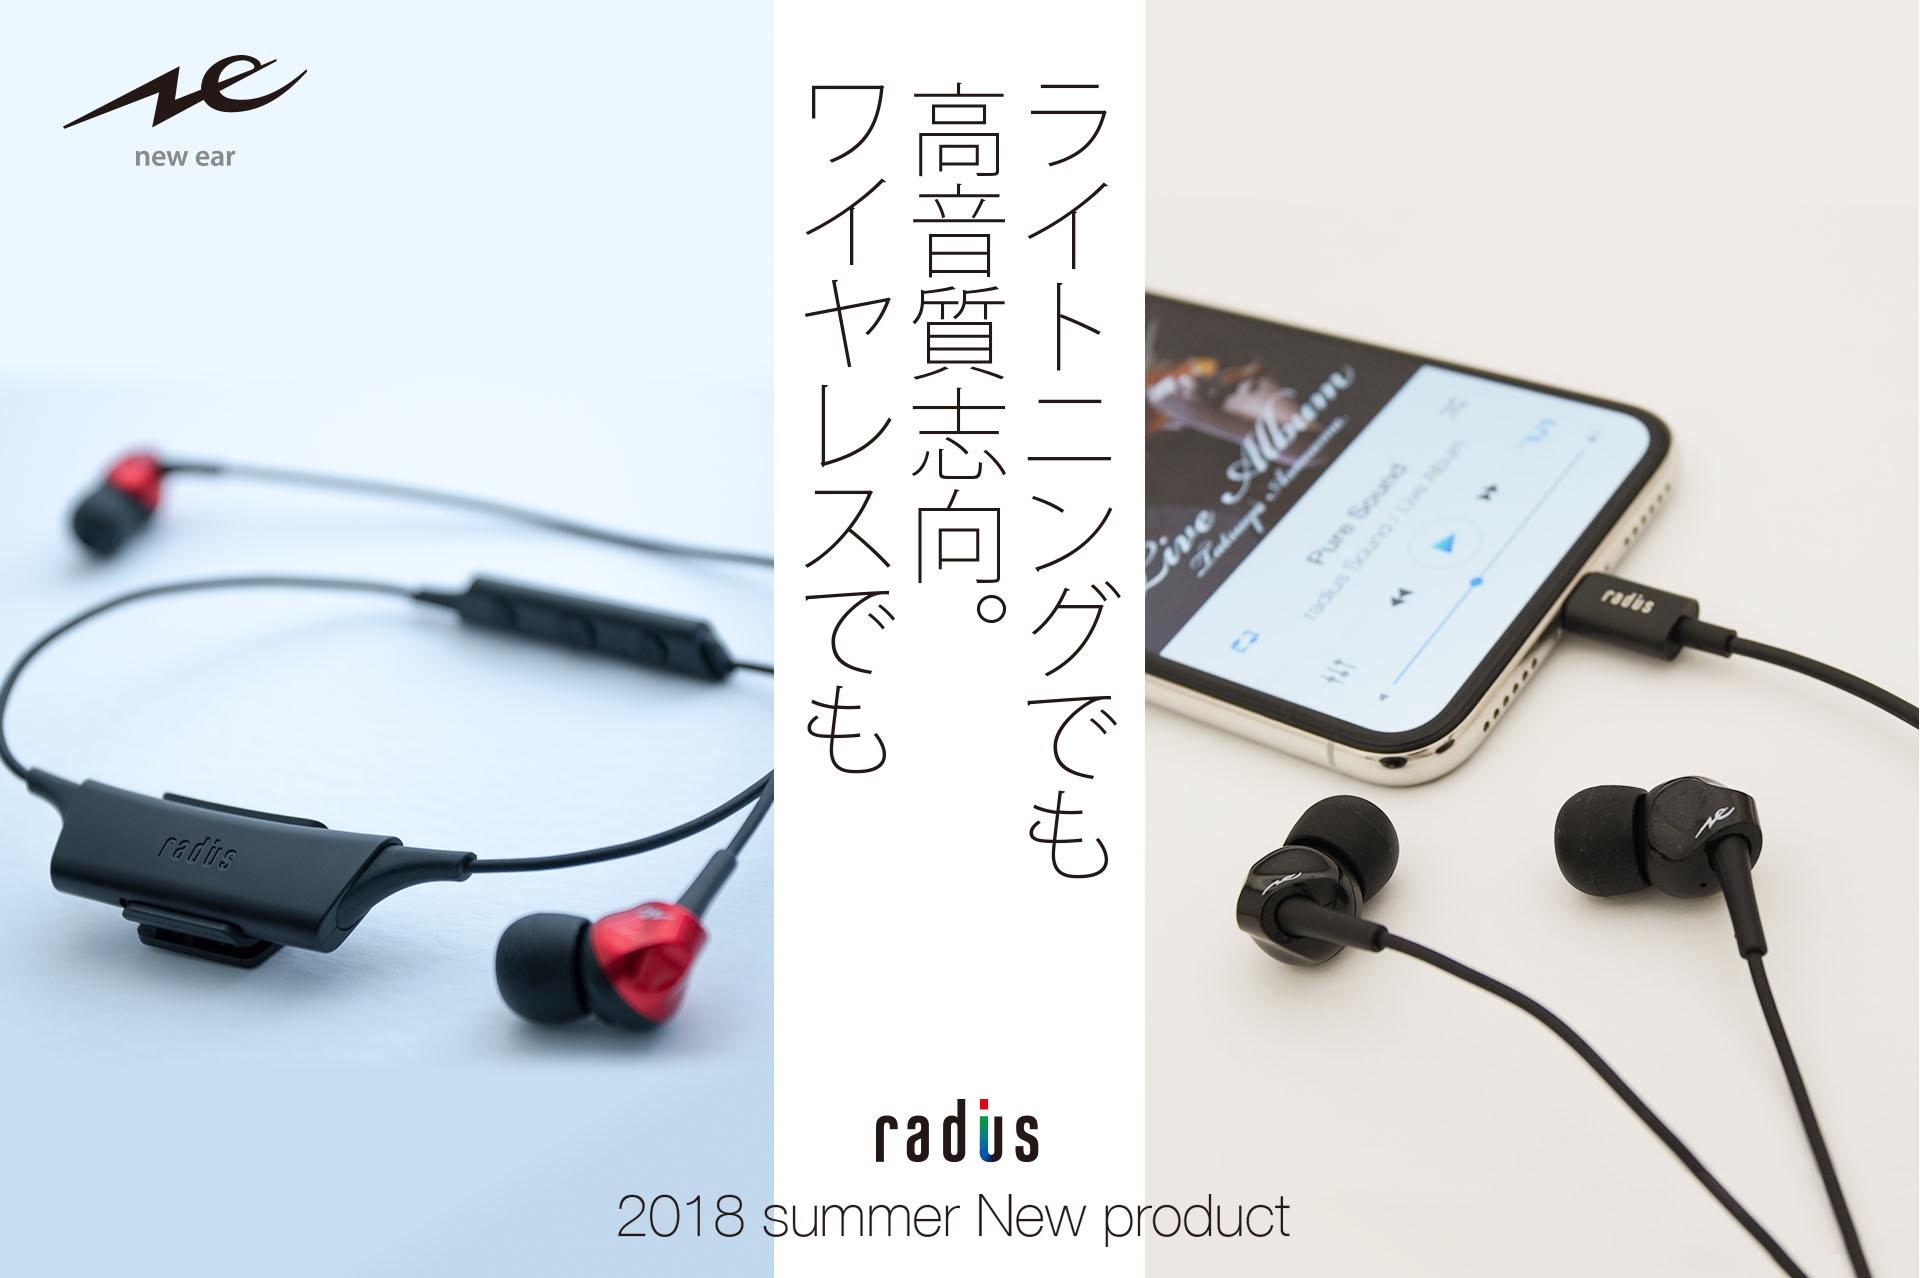 【radius】新商品のBluetoothイヤホン/Lightningコネクタ直結イヤホンを出品いたします!